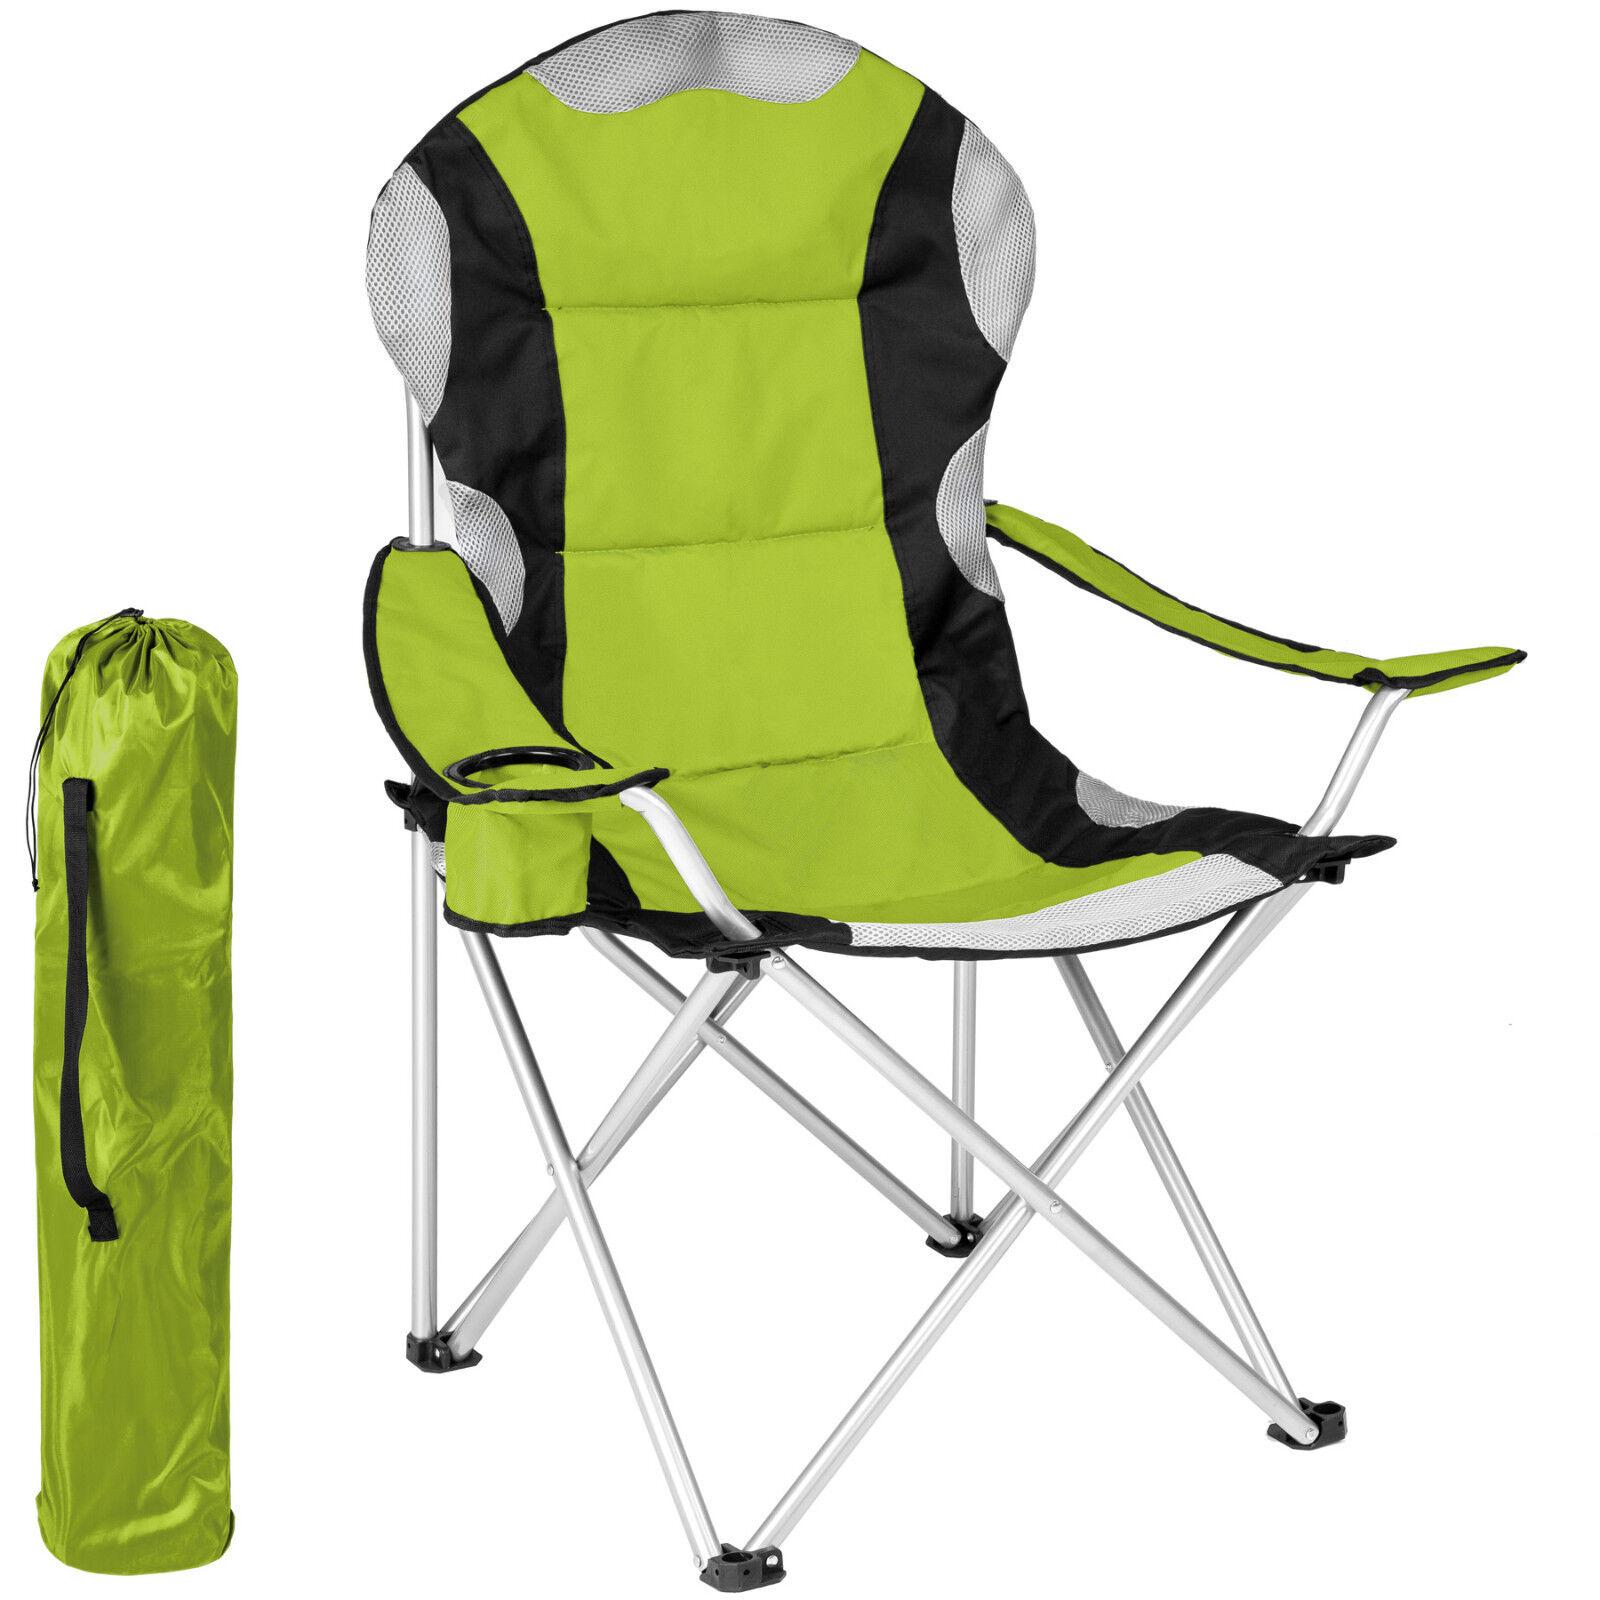 Chaise de camping housse pliante fauteuil de camping pliable pliable camping siege de plage vert ef81c4